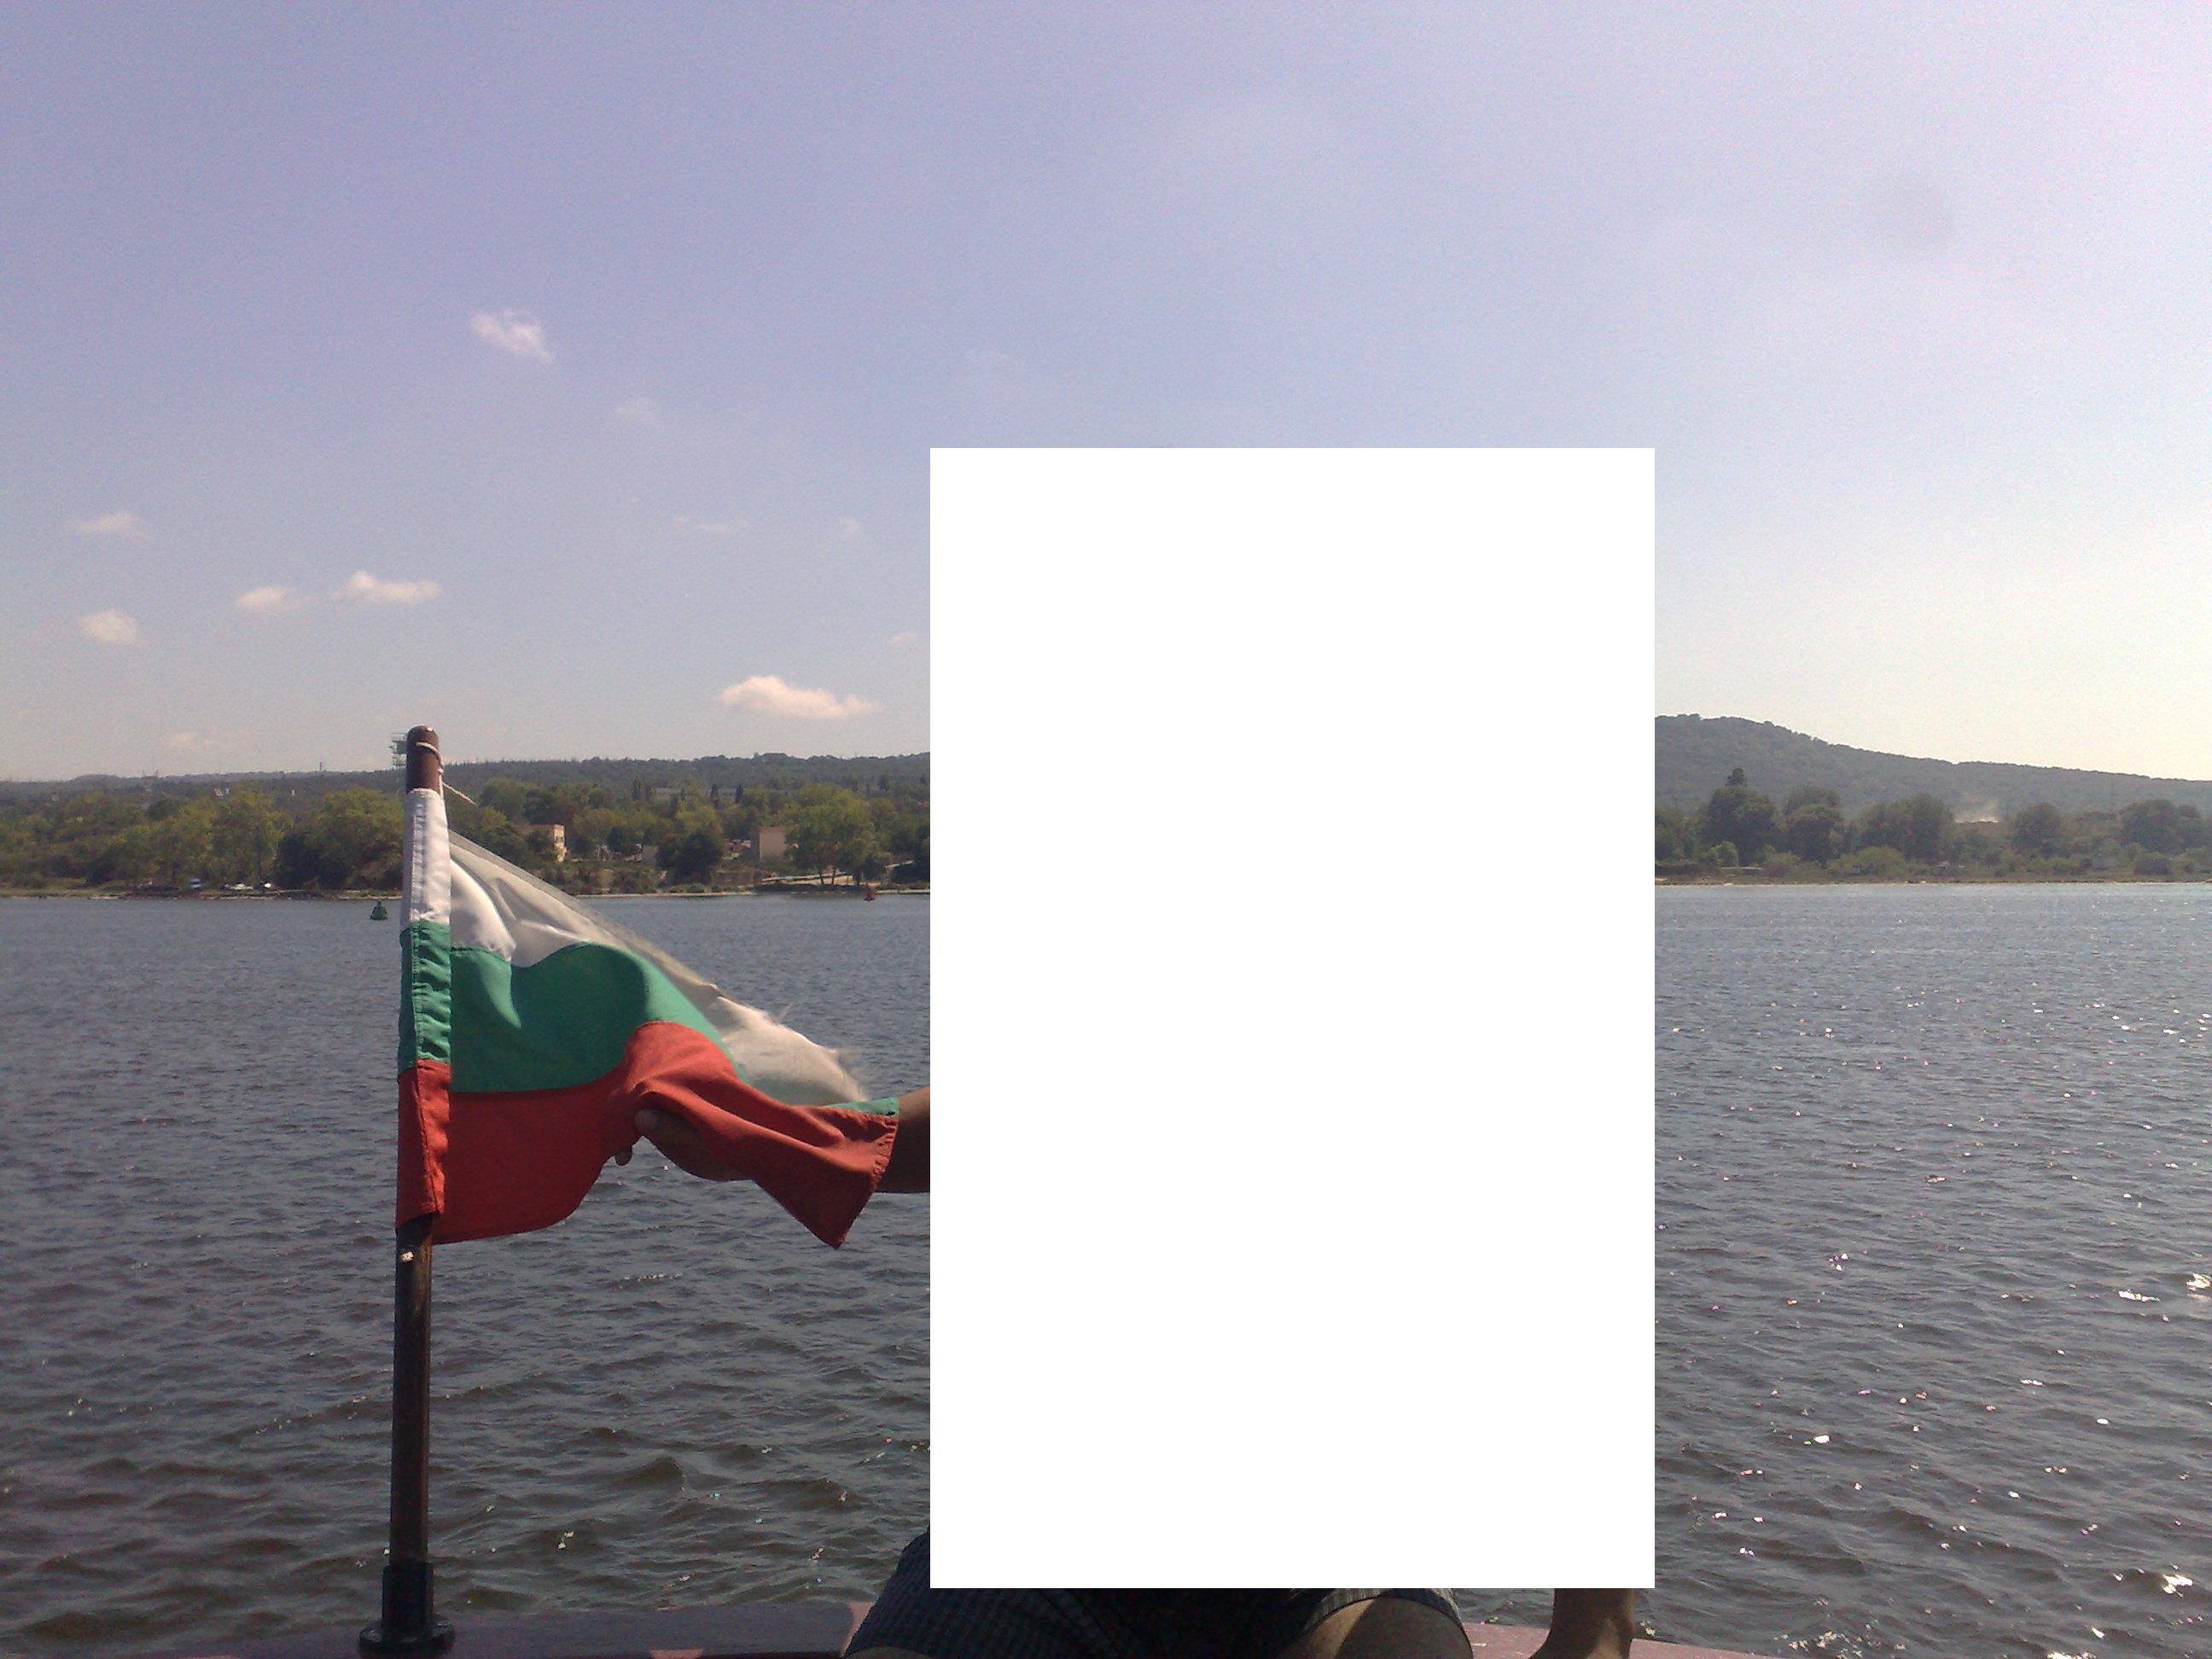 صوري من فارنا البلغاريه       صوري من فارنا البلغاريه صوري